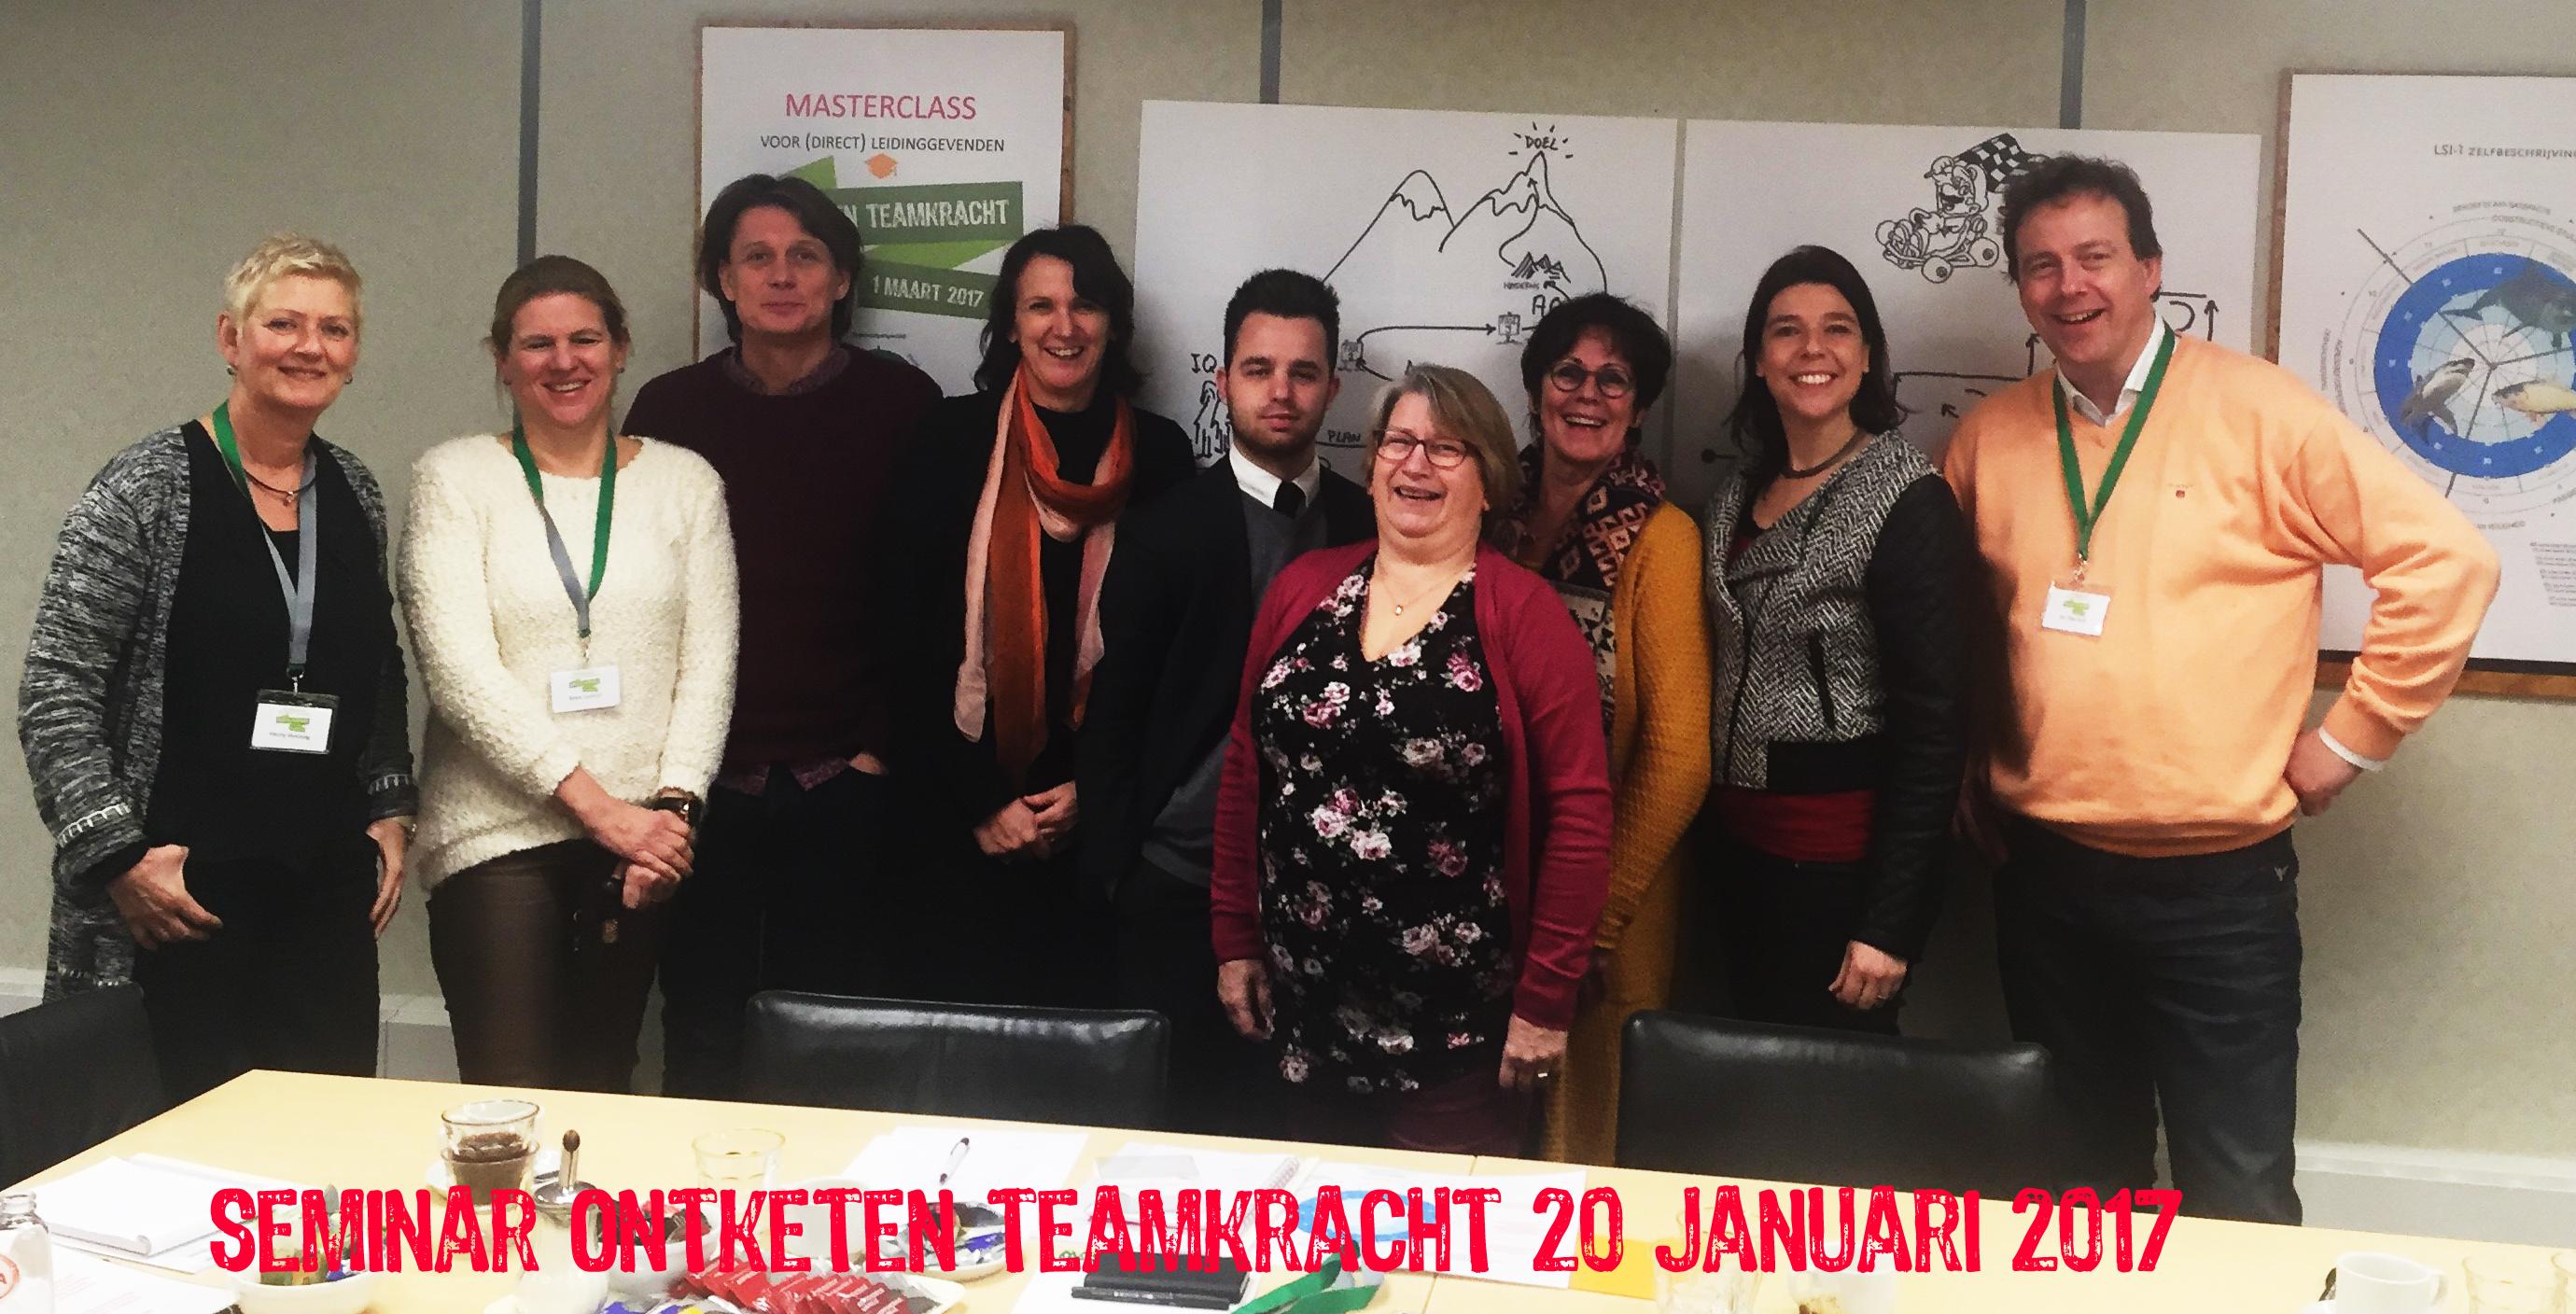 deelnemers 20 januari 2017_seminar Ontketen Teamkracht